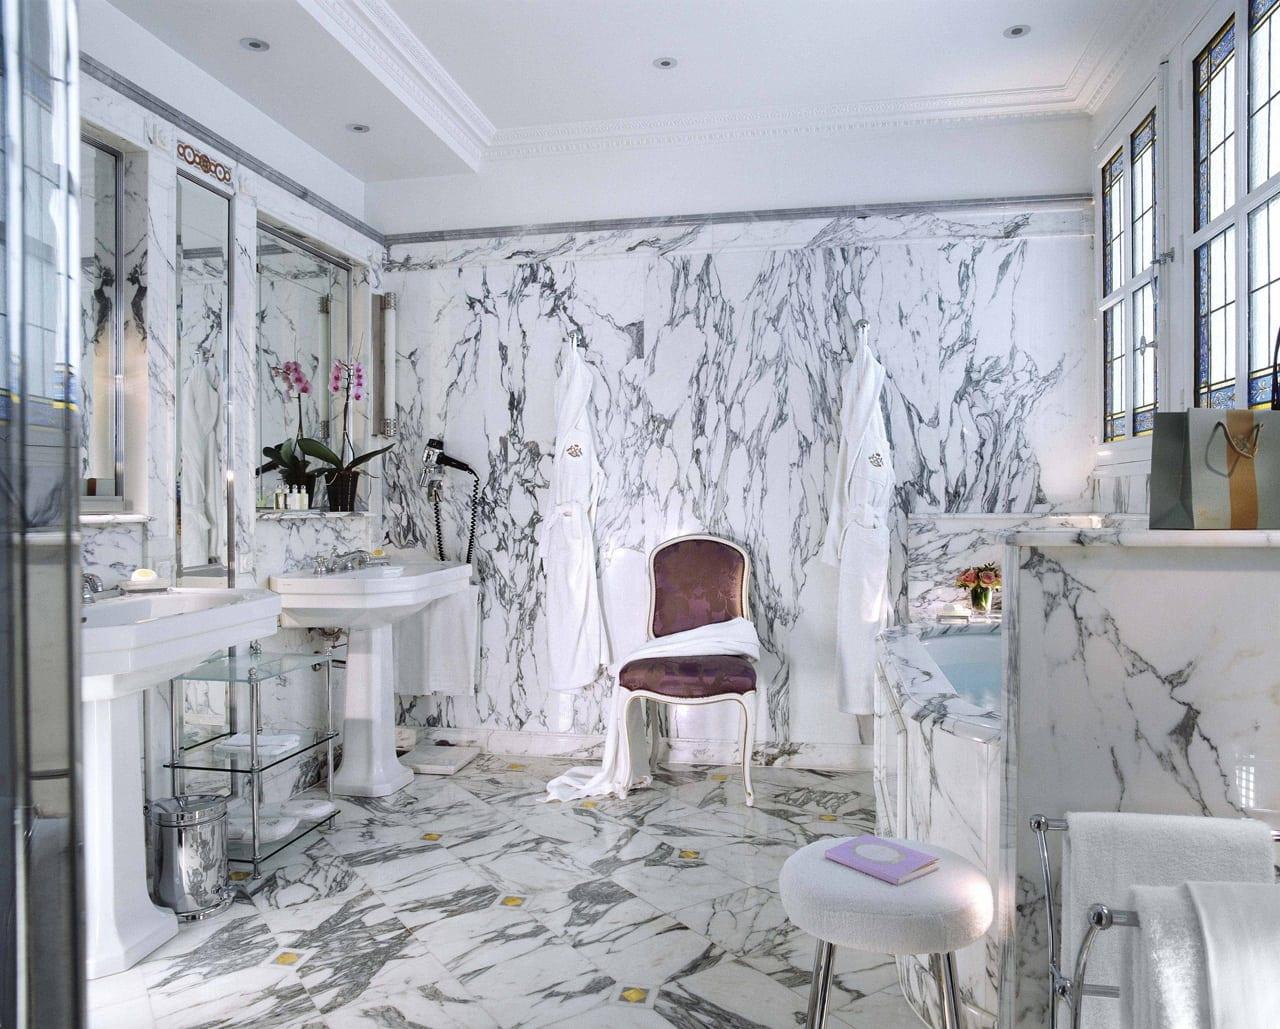 H6380 27275951 46 Bathroom - Le Meurice, Paris - Romantism, opulență și lux